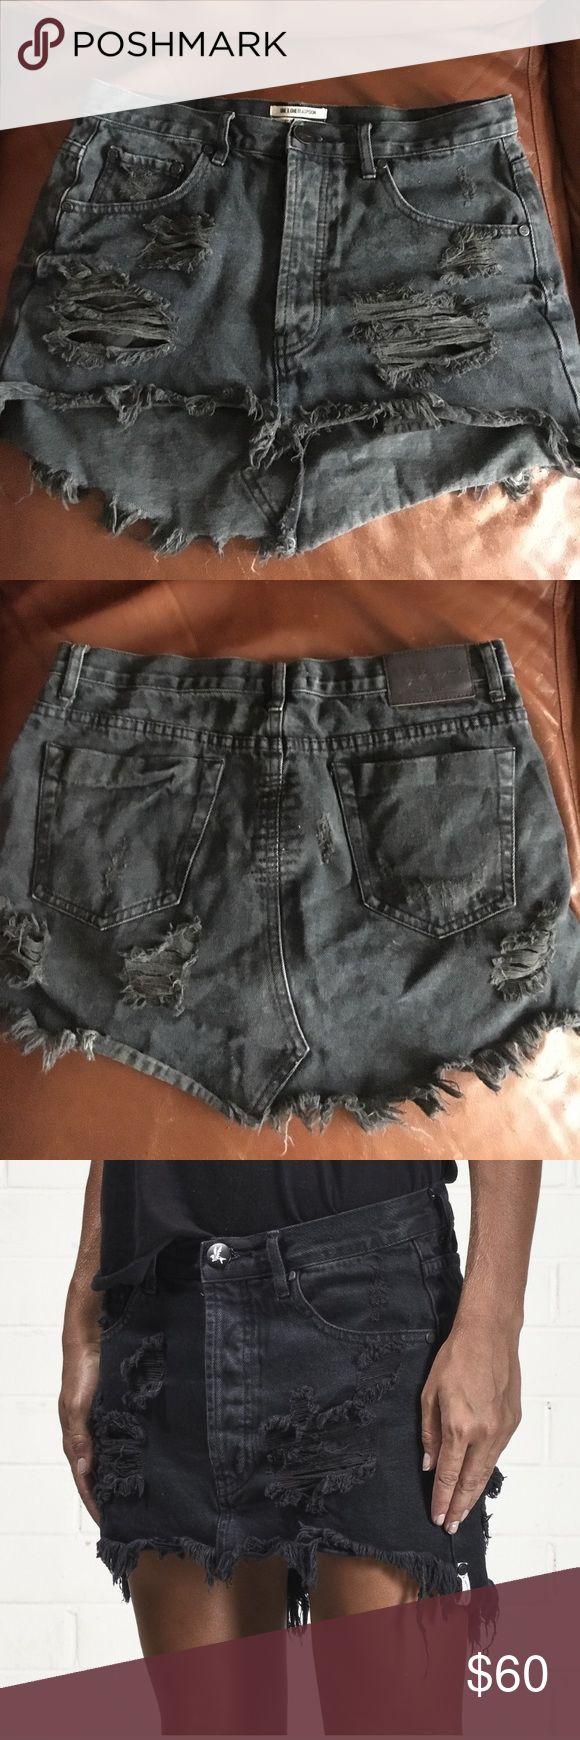 OneTeaspoon Distressed Jean Skirt OneTeaspoon Black Distressed Jean Skirt. Asking 60 or best offer Skirts Mini